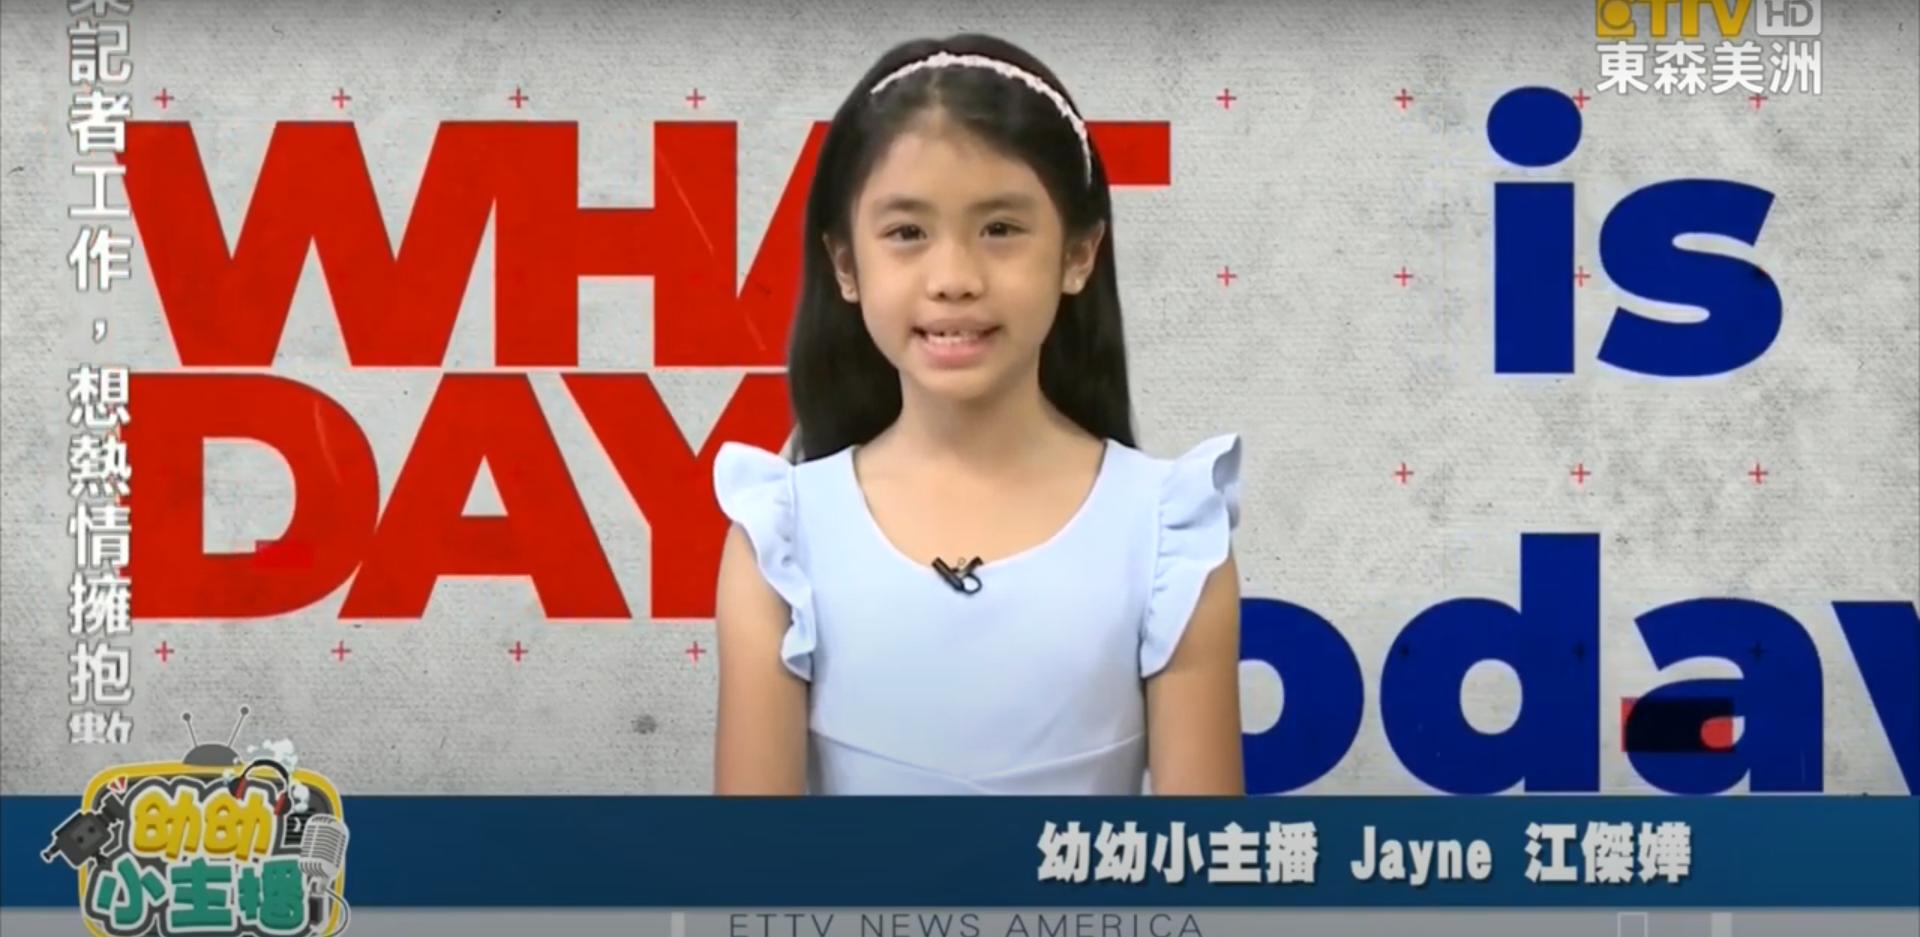 小主播Jayne:6月17日「國家吃蔬菜日」玉米榮登美國人最愛蔬菜